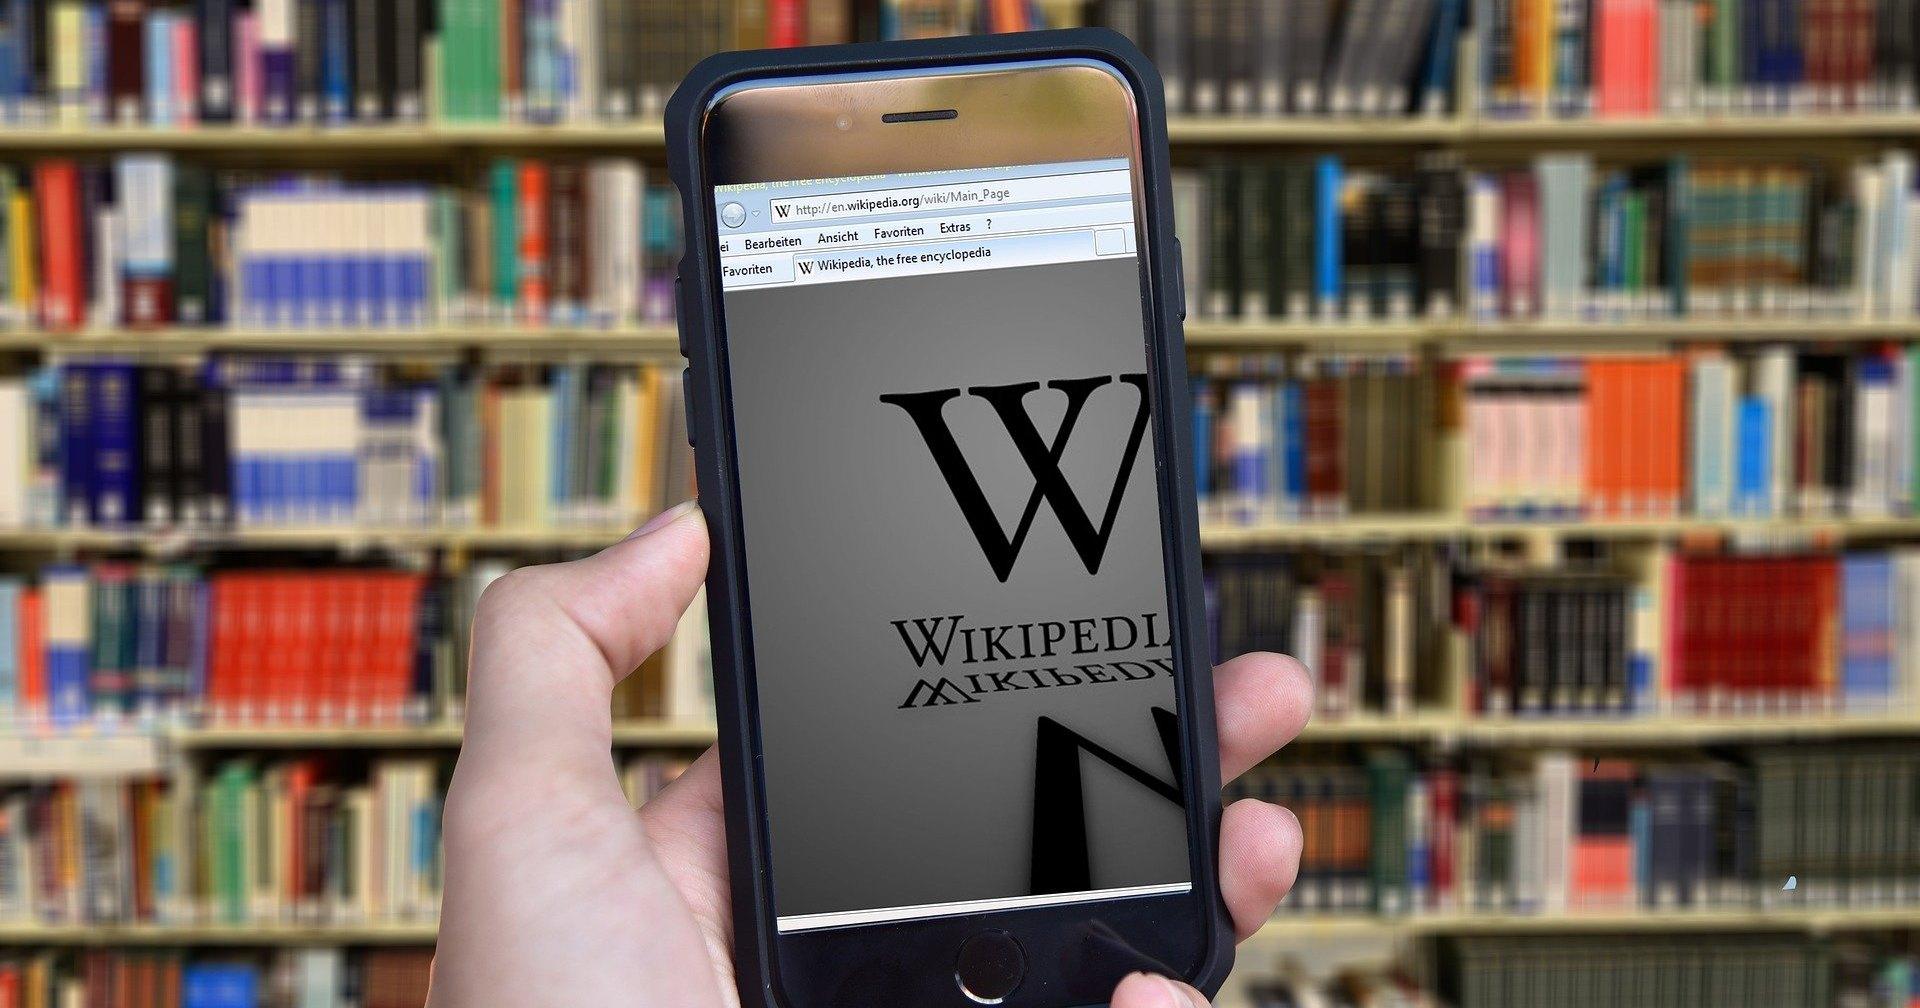 Википедия  установила очередной рекорд по количеству статей - 1